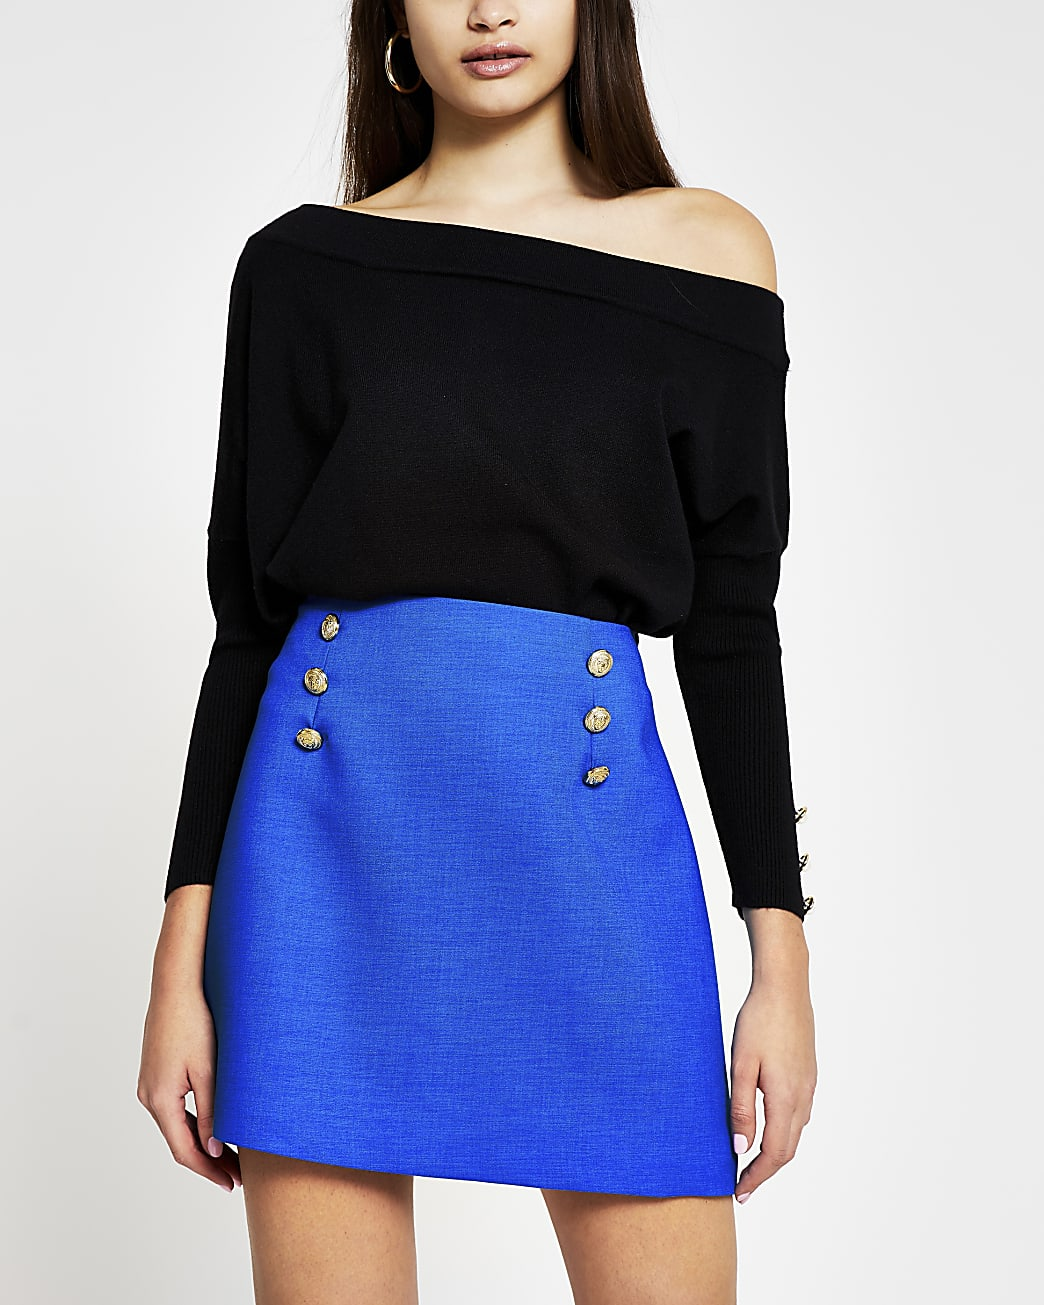 Blue button front short skirt